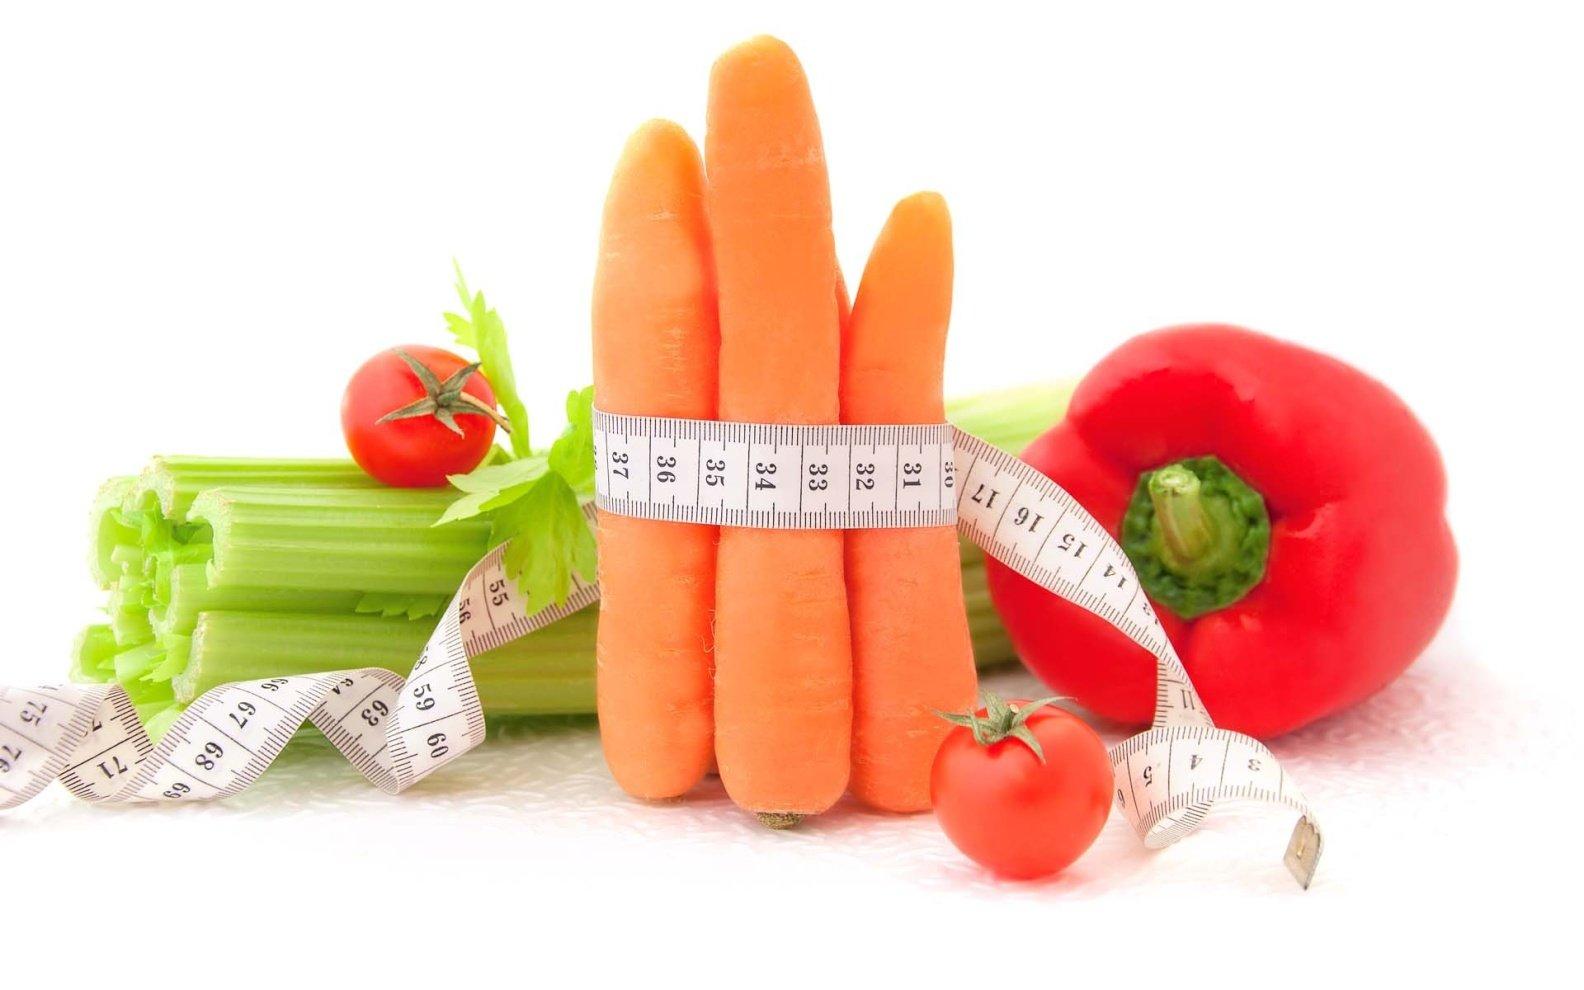 бобовые продукты для похудения список с калориями